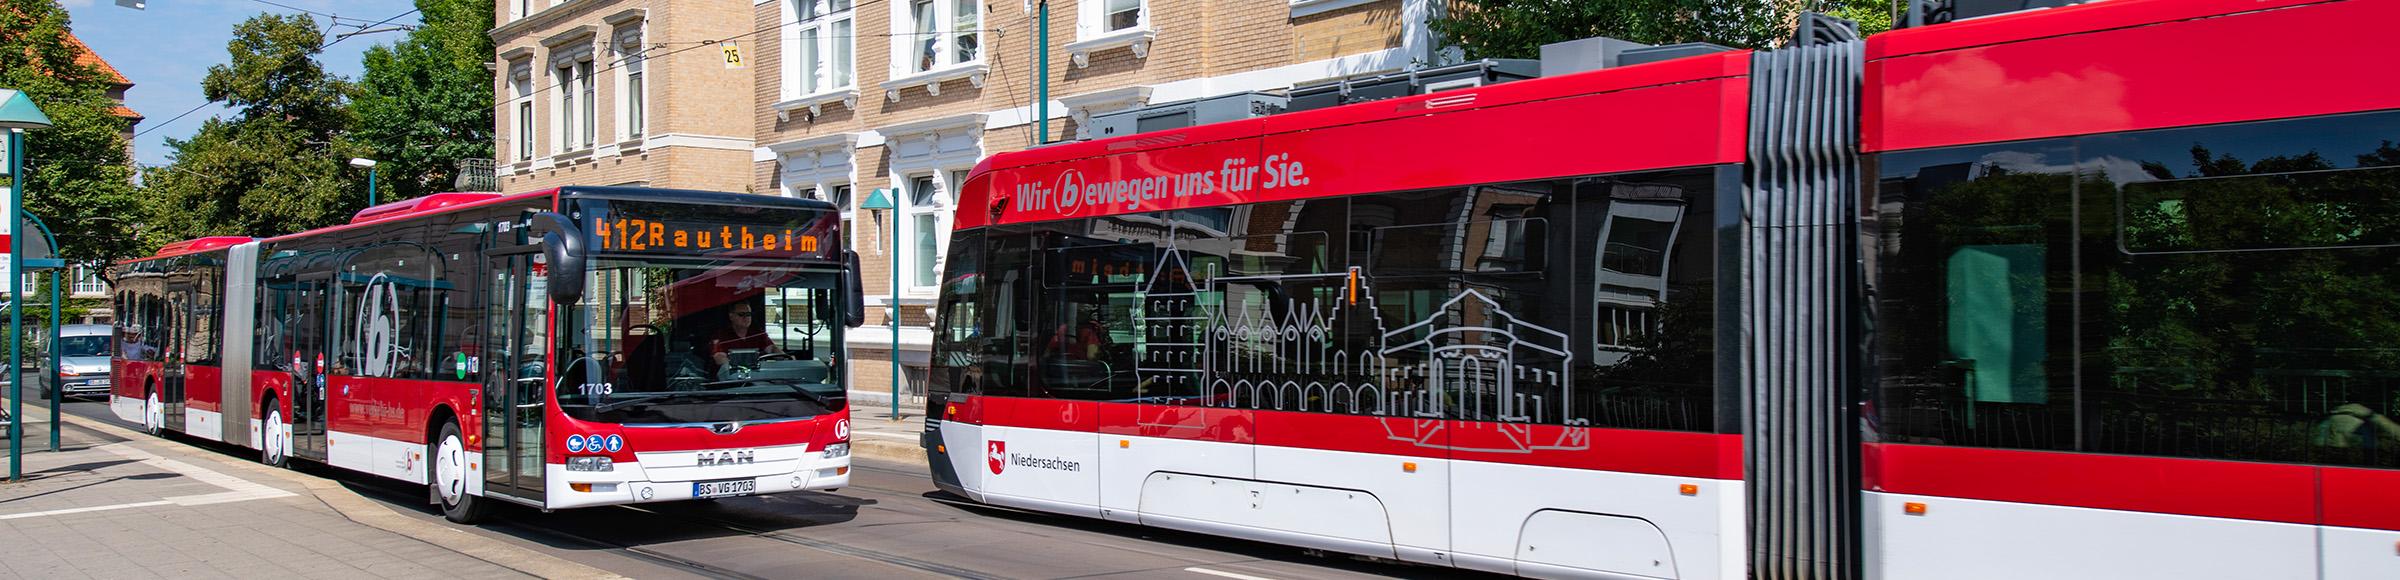 Braunschweiger Verkehrs Gmbh Aktuelles Detailansicht